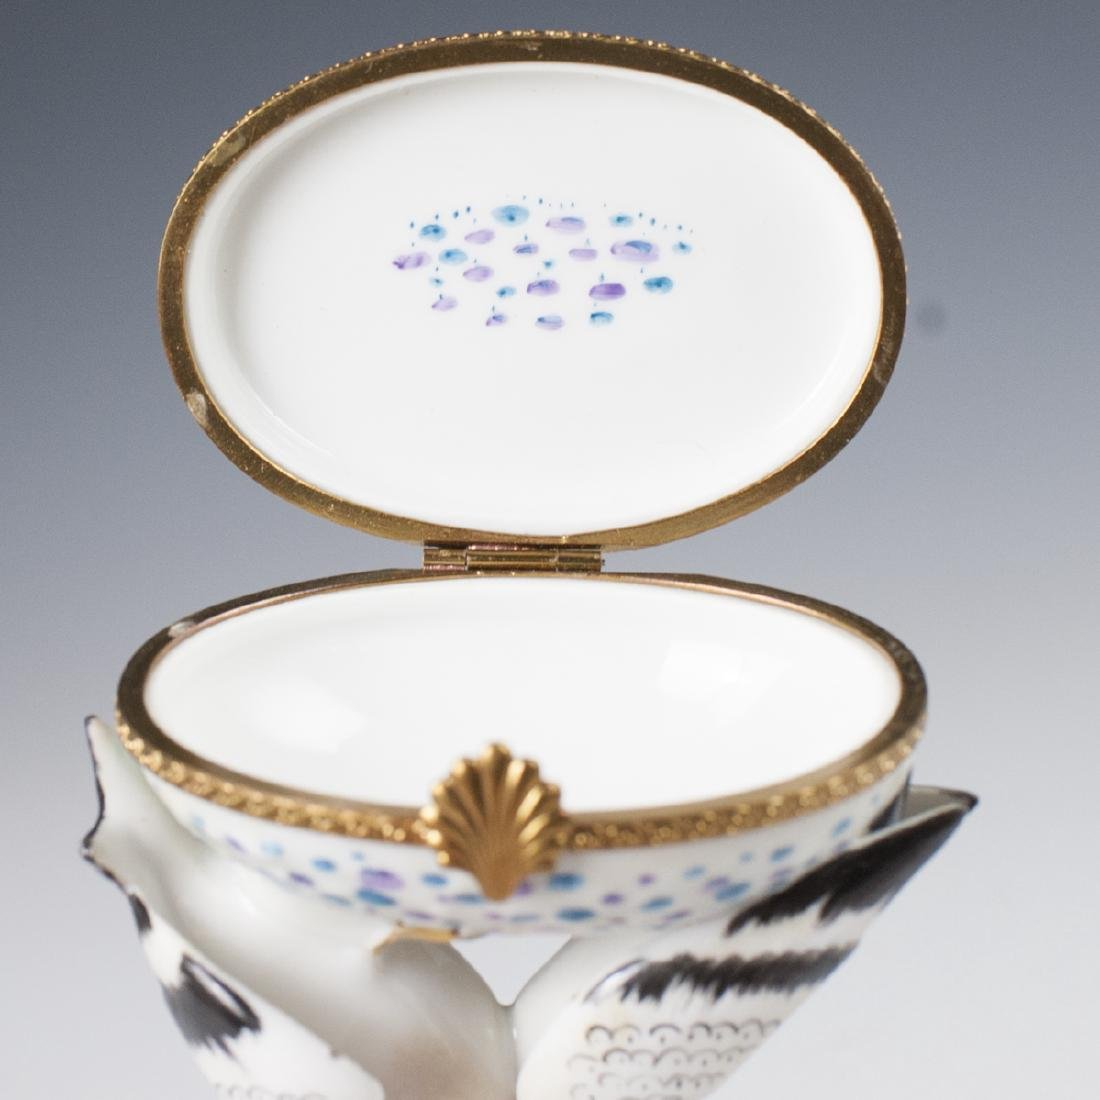 Limoges Porcelain Trinket Box - 5